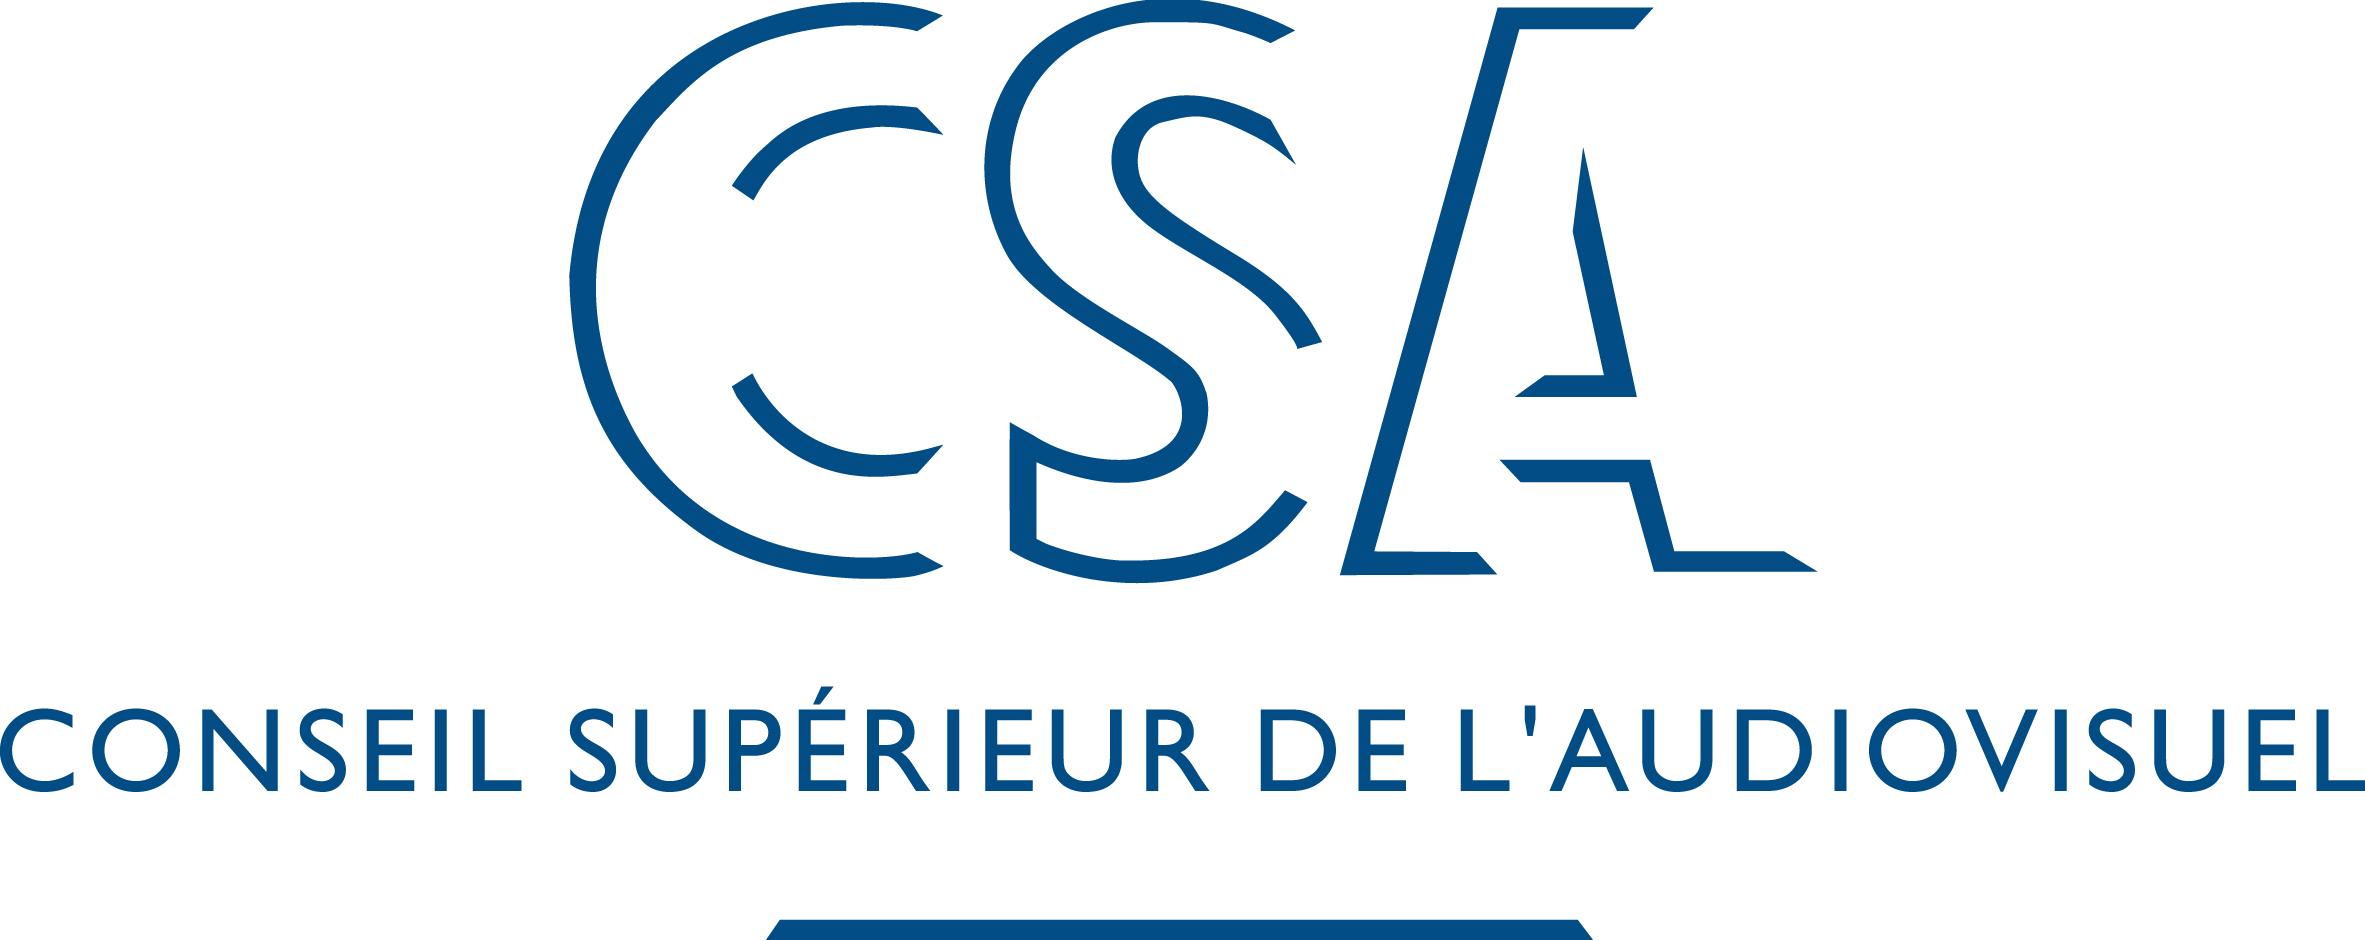 Le CSA auditionnera Mathieu Gallet le 29 janvier